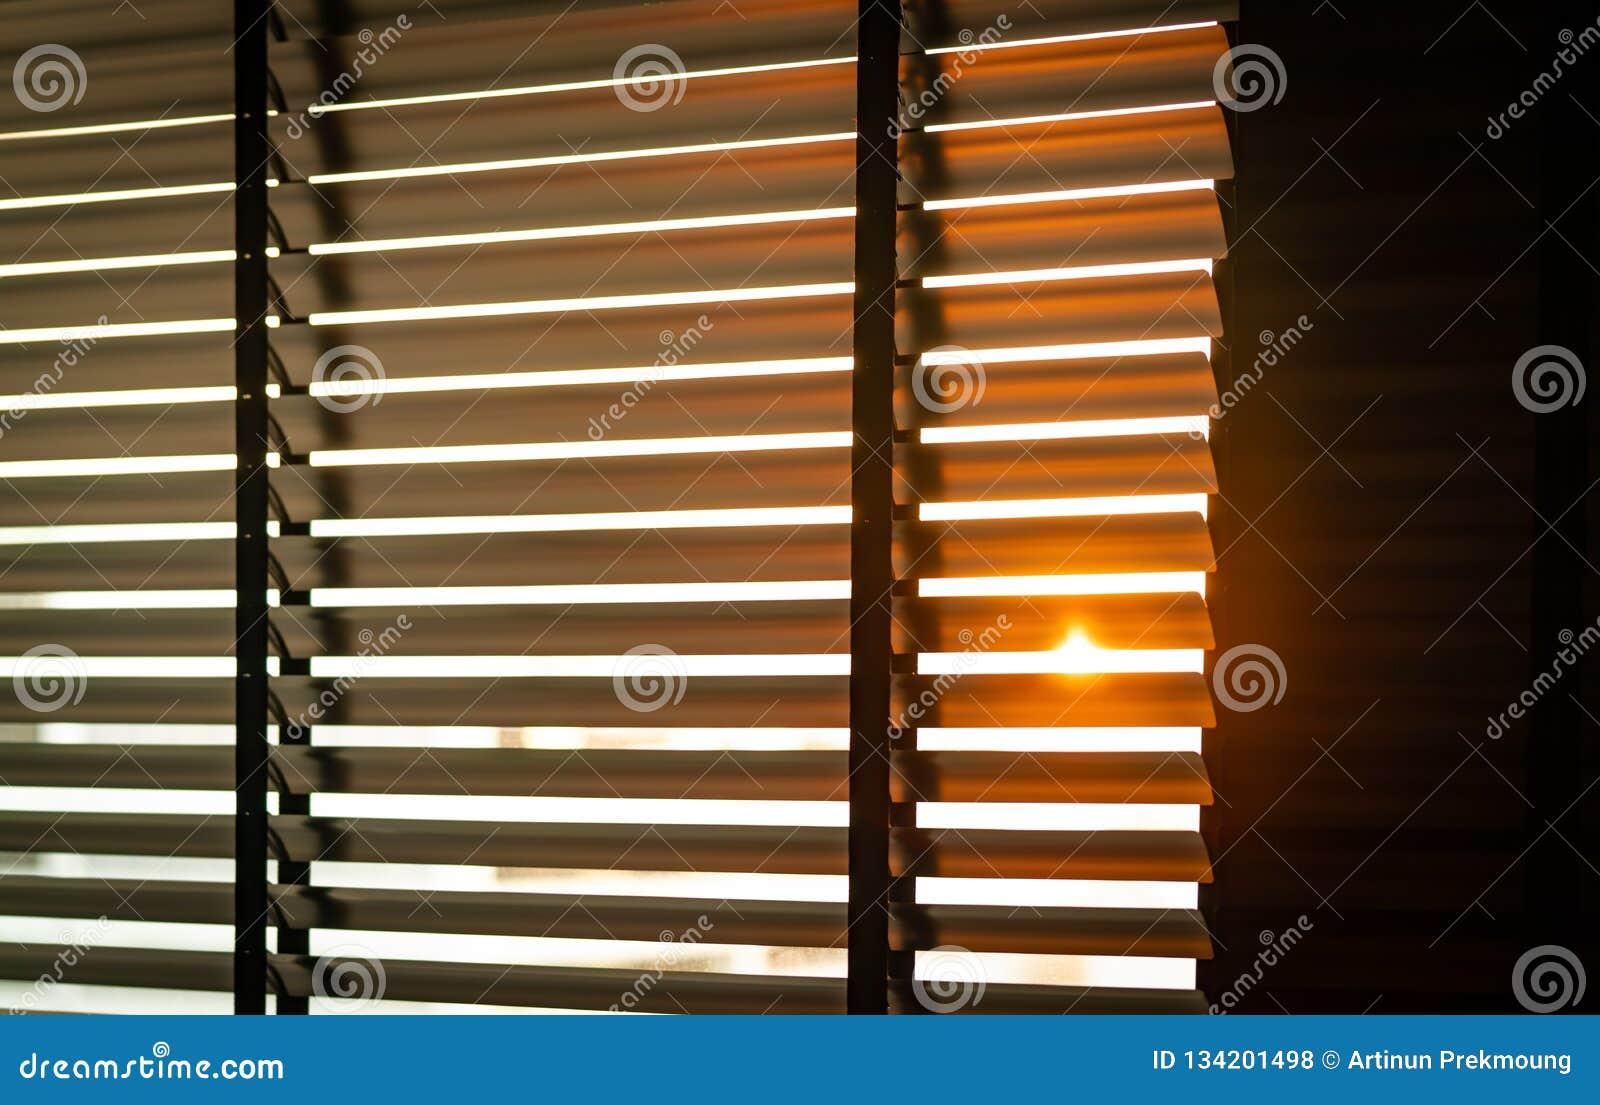 Geopende Venetiaanse plastic zonneblinden met zonlicht in de ochtend Wit plastic venster met zonneblinden Binnenlands ontwerp van